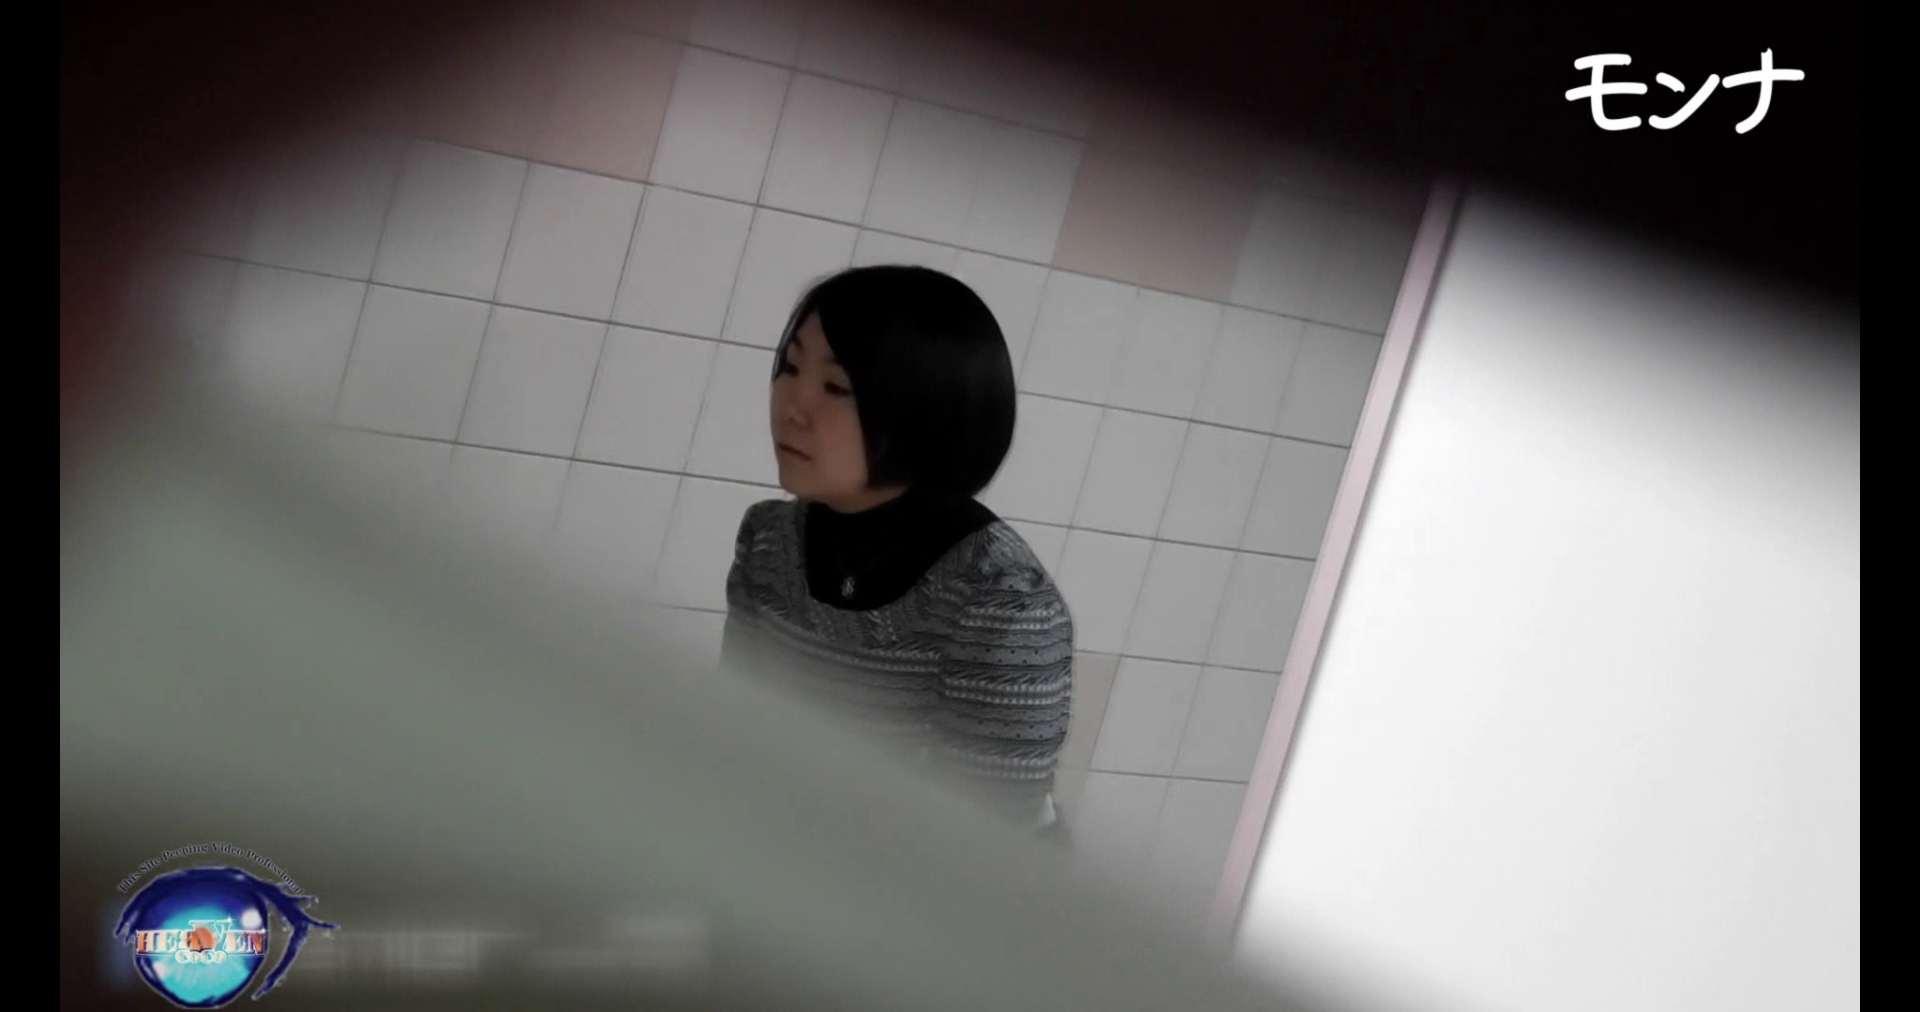 美しい日本の未来 No.92前編 女子の厠   エッチな盗撮  91pic 21